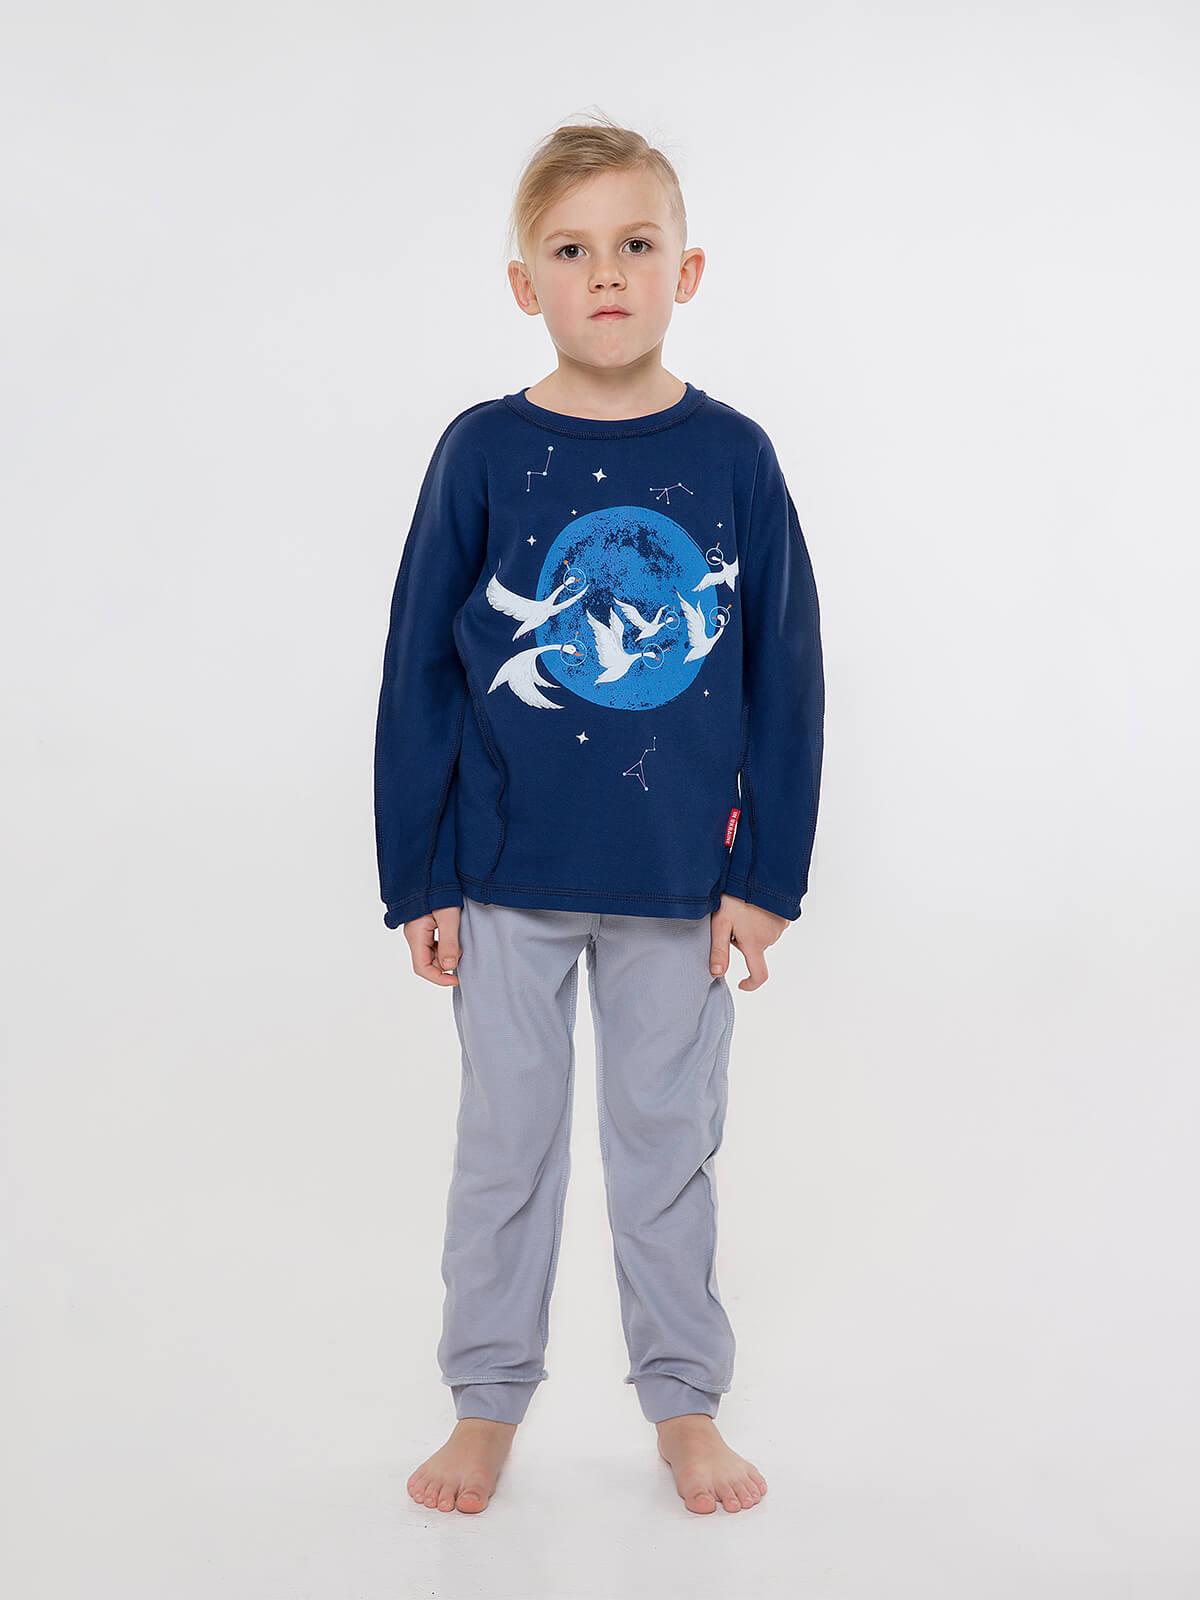 Дитяча Піжама Гуси. Колір темно-синій. Матеріал: 100% бавовна.